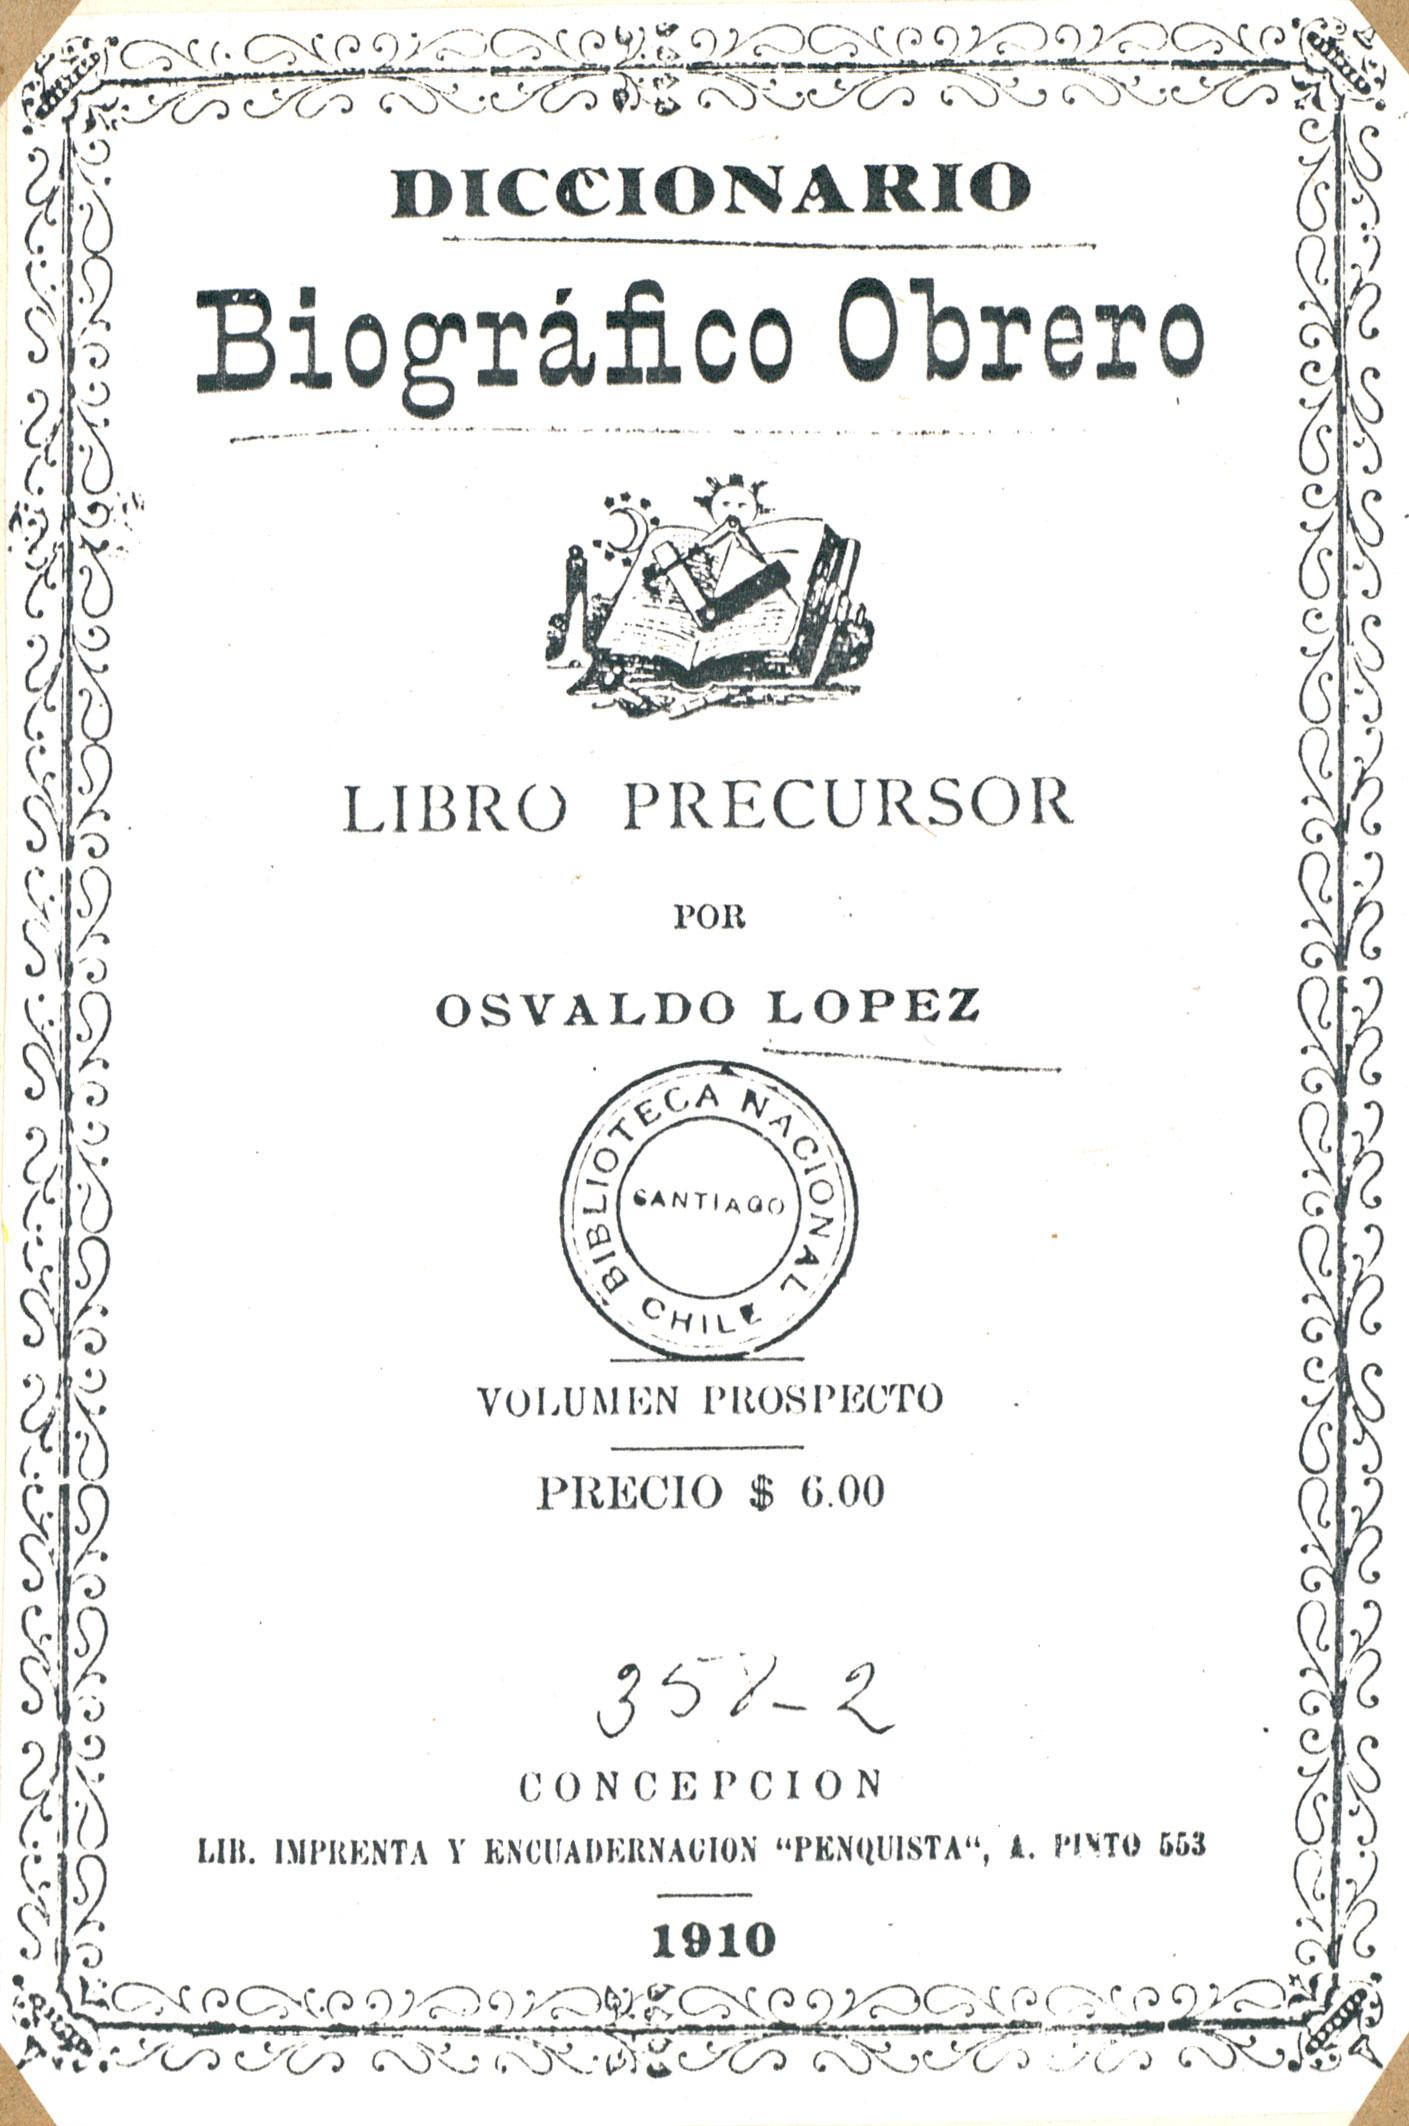 Diccionario Chile 1910